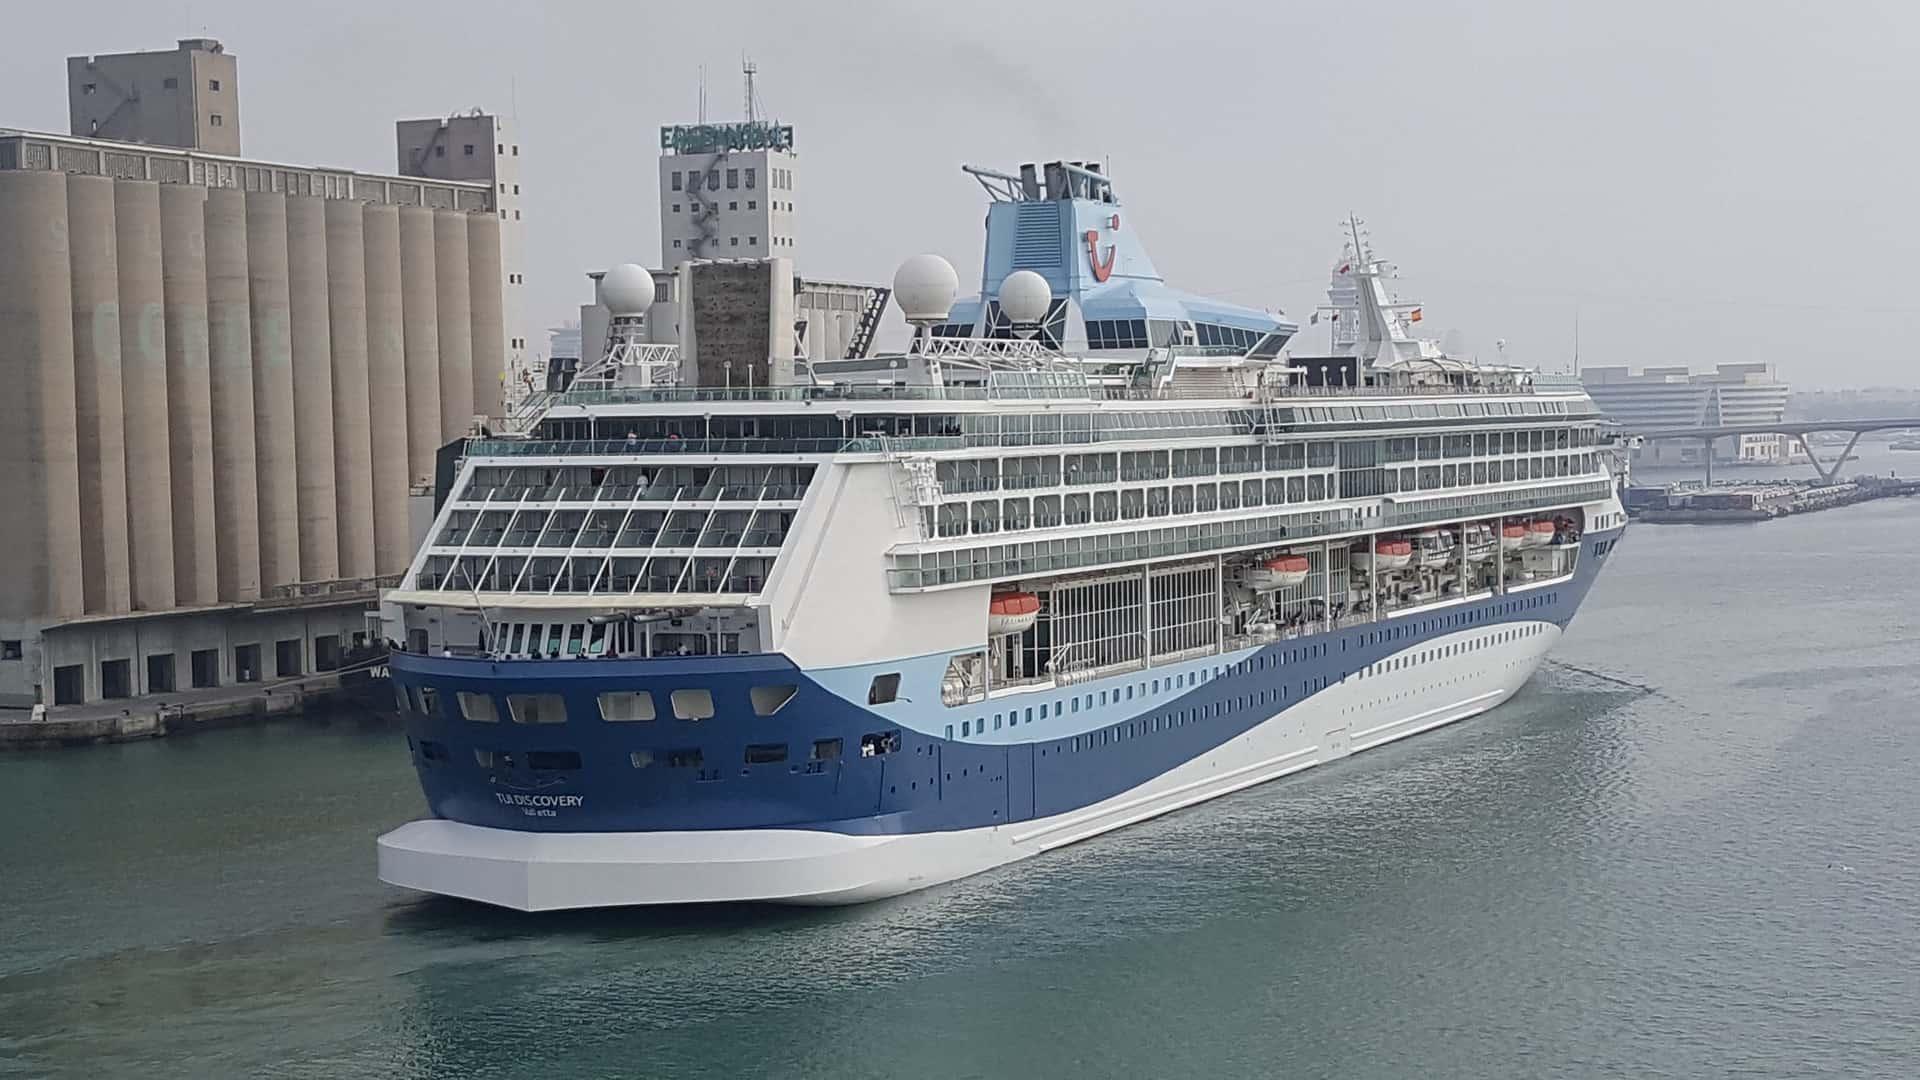 Marella Discovery ship in port